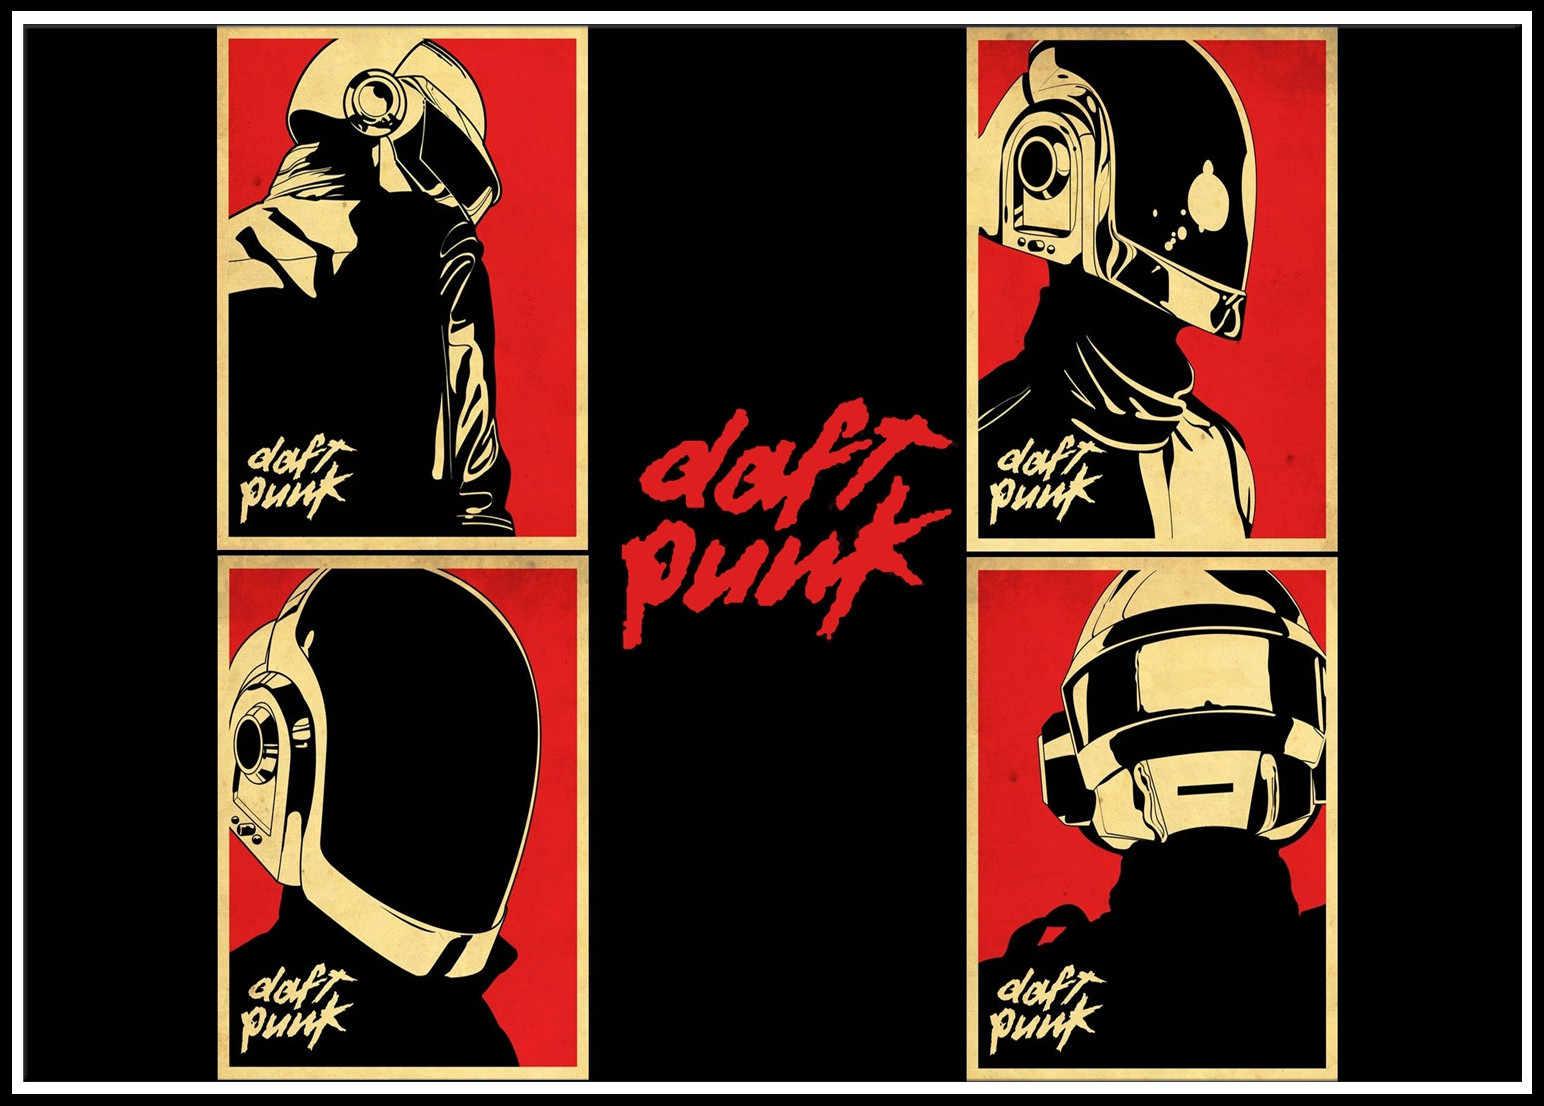 Pósteres modernos, banda de música Punk Daft, impresión al óleo, lienzo, imágenes artísticas de pared para sala de estar, decoración del hogar 2001